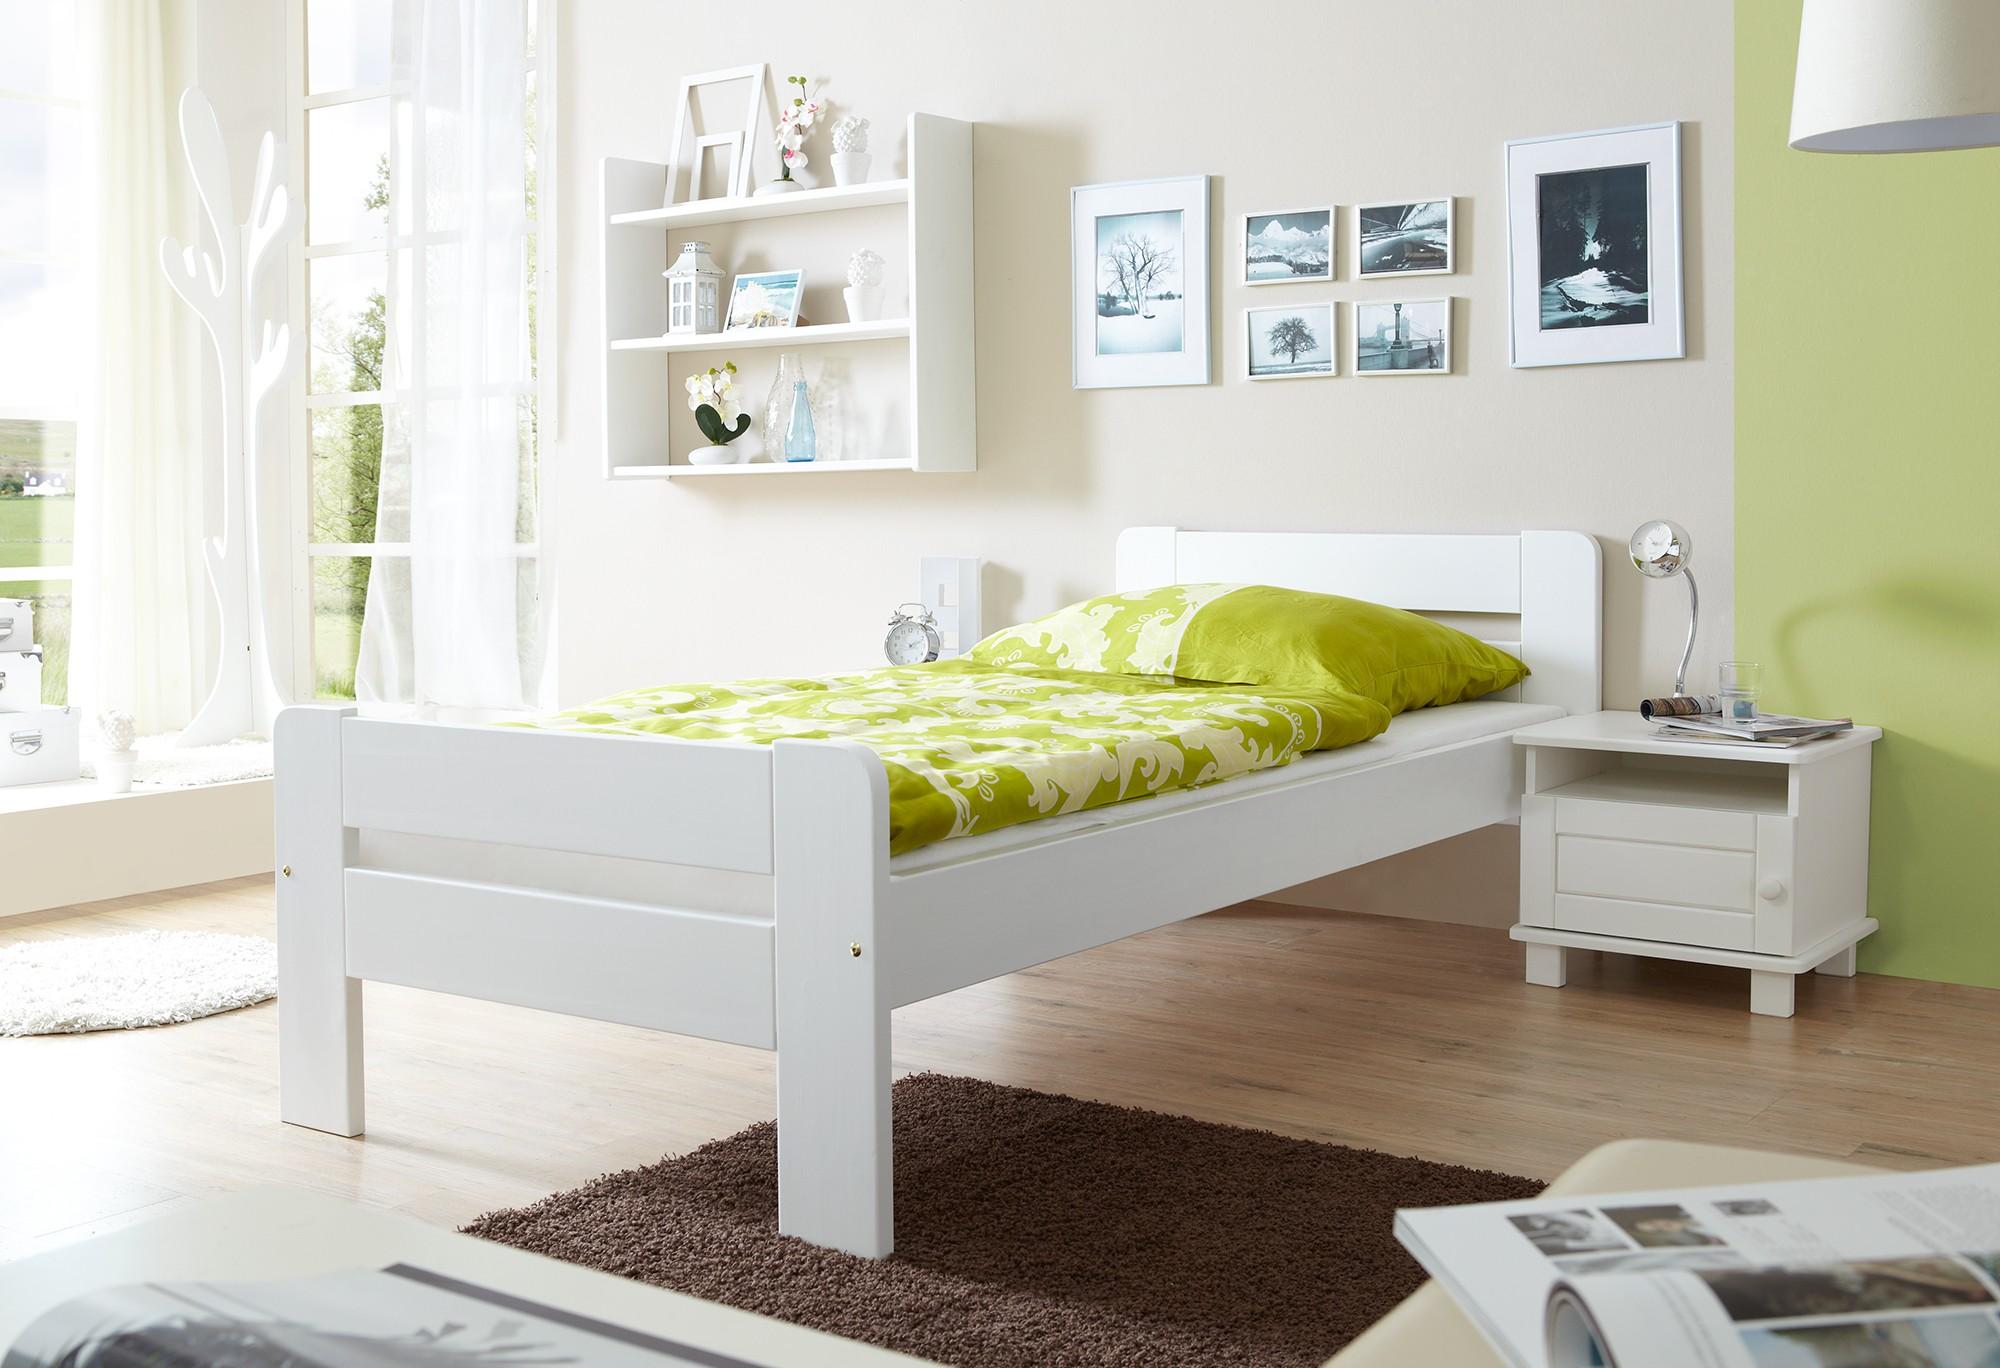 einzelbett 100x200 kiefer weiss h c m bel. Black Bedroom Furniture Sets. Home Design Ideas